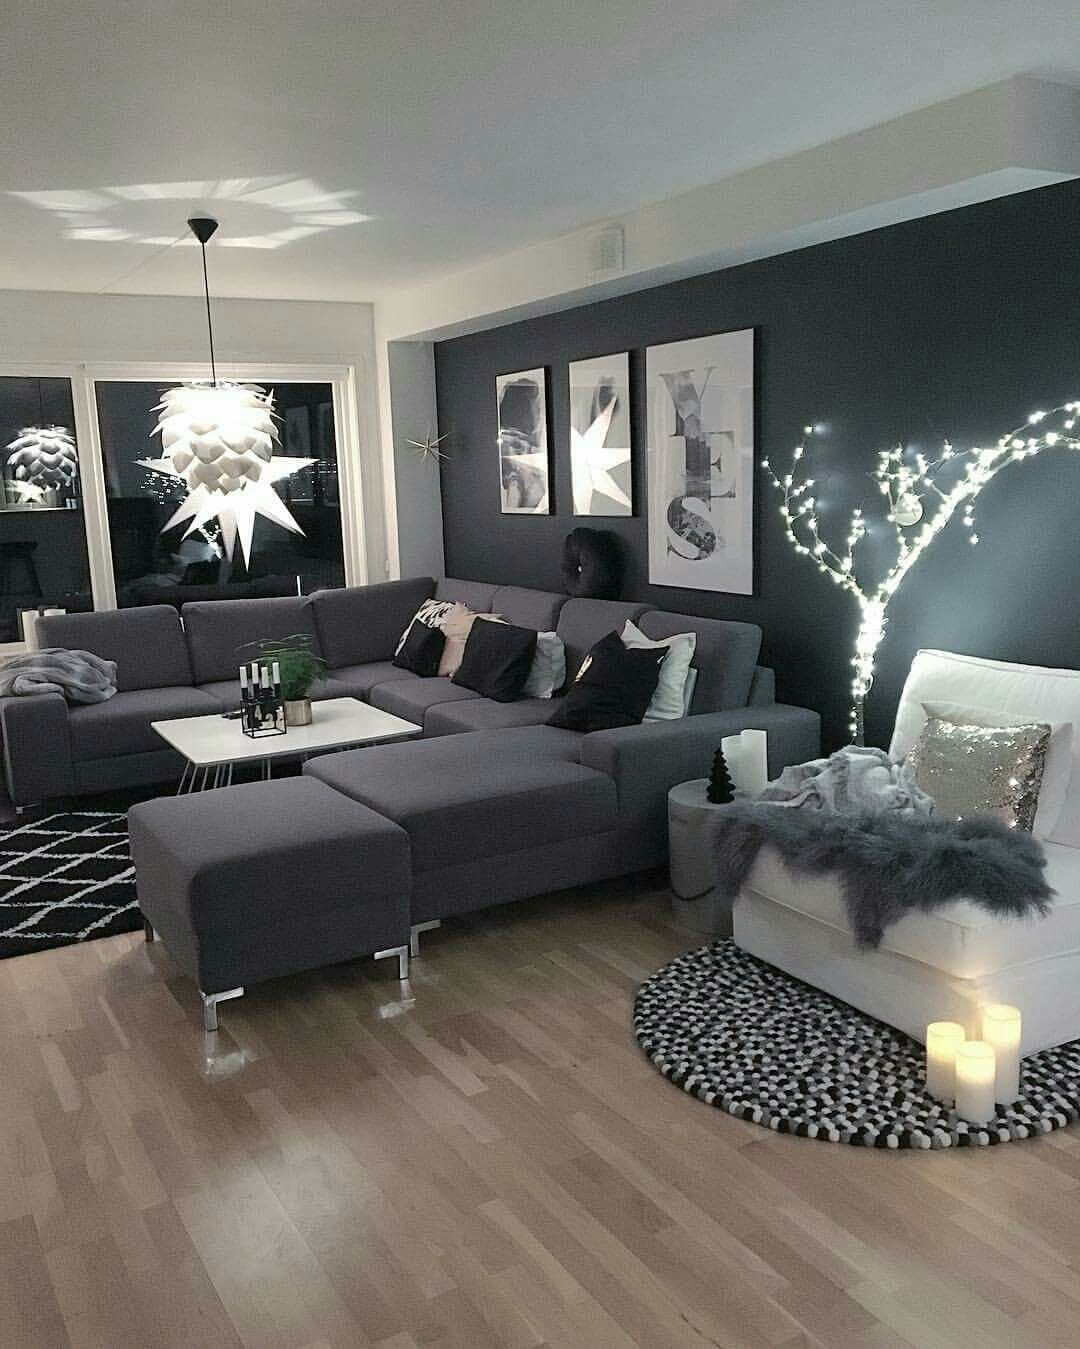 Grey Sofa Living Room Ideas Pinterest In 2020 Dark Grey Living Room Black Living Room Living Room White